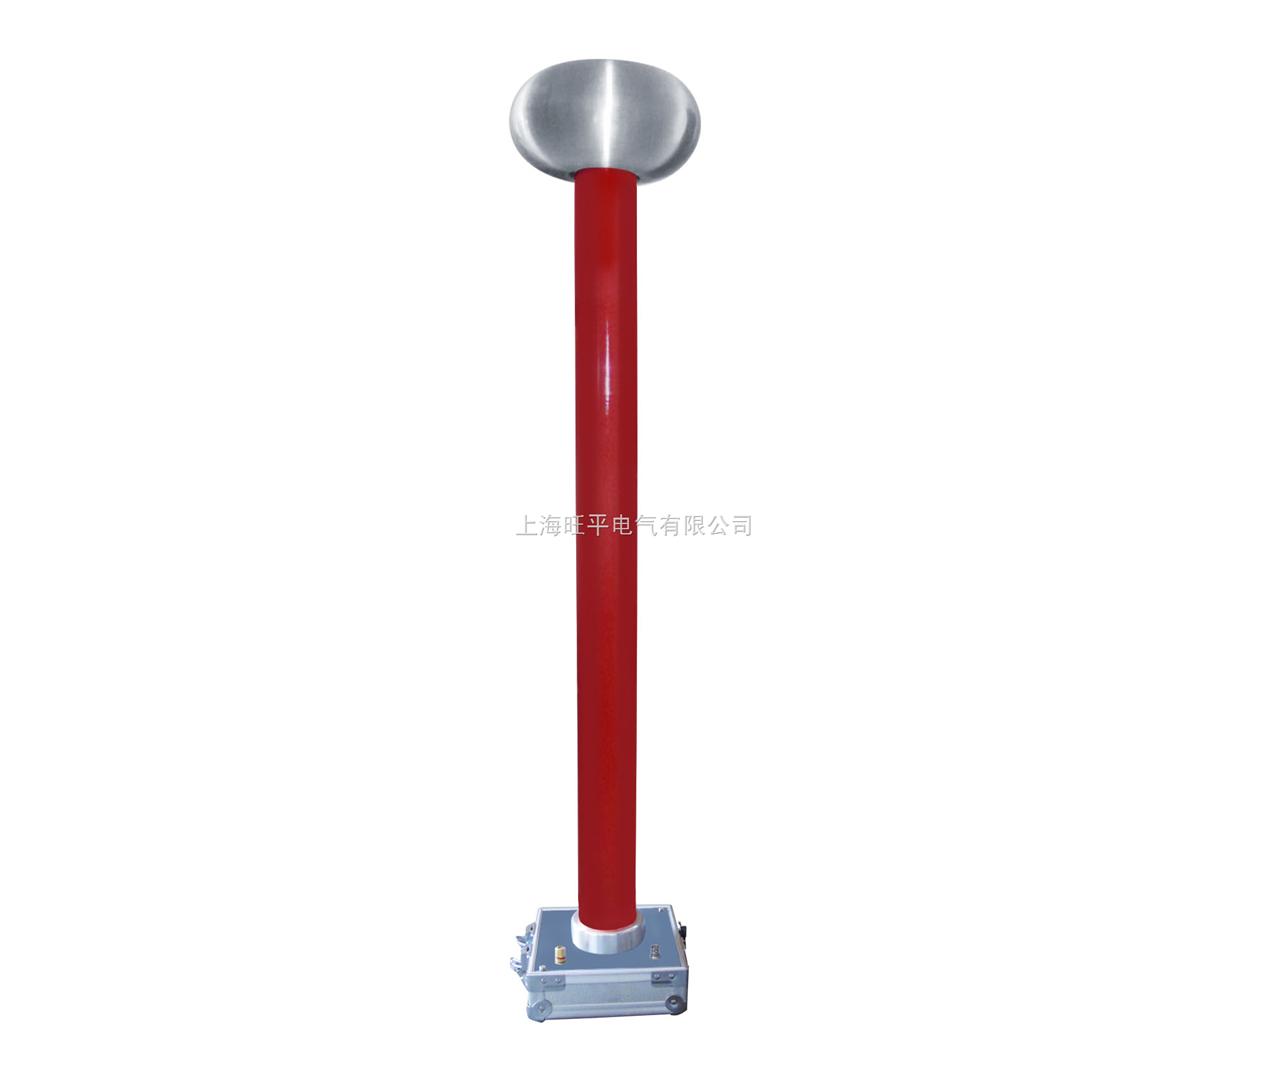 交直流高压测量仪(分压器